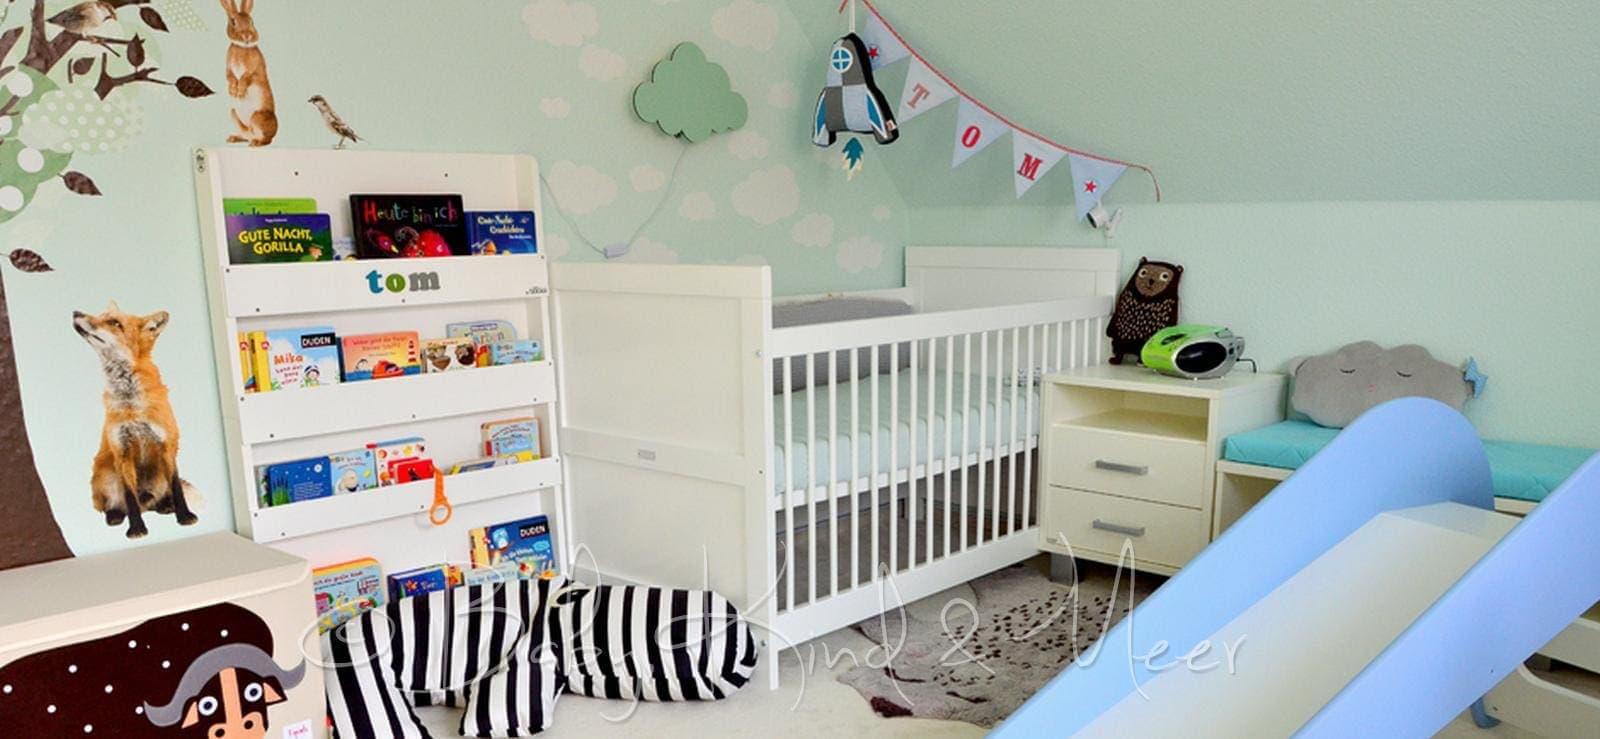 toms kinderzimmer roomtour family living interior. Black Bedroom Furniture Sets. Home Design Ideas